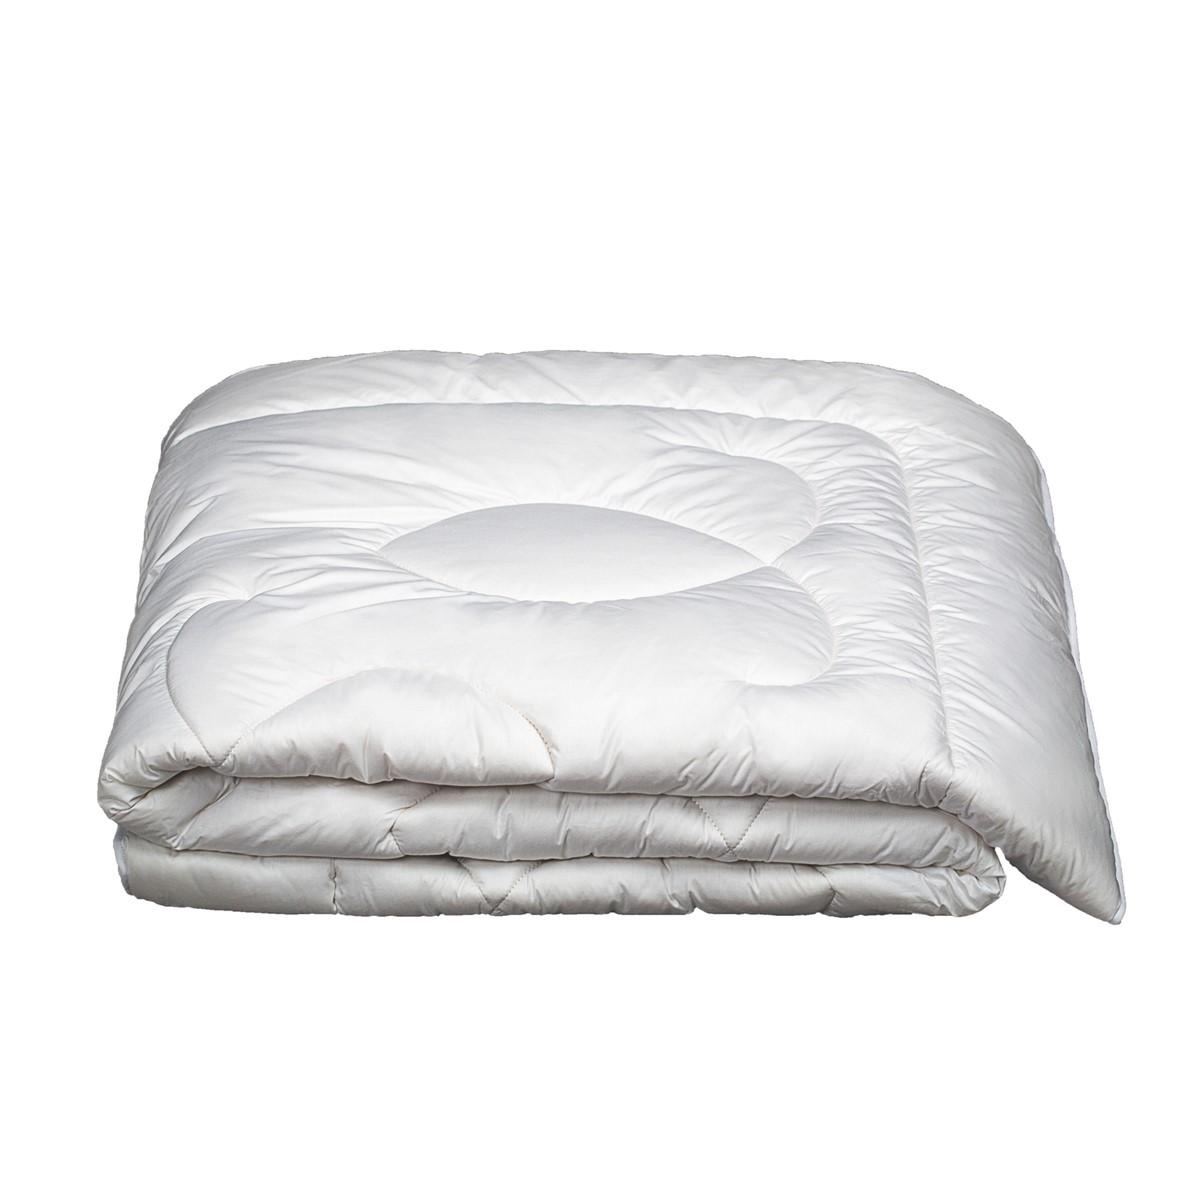 Couette Chaude Naturel en Laine Très chaud Blanc 140x200 cm